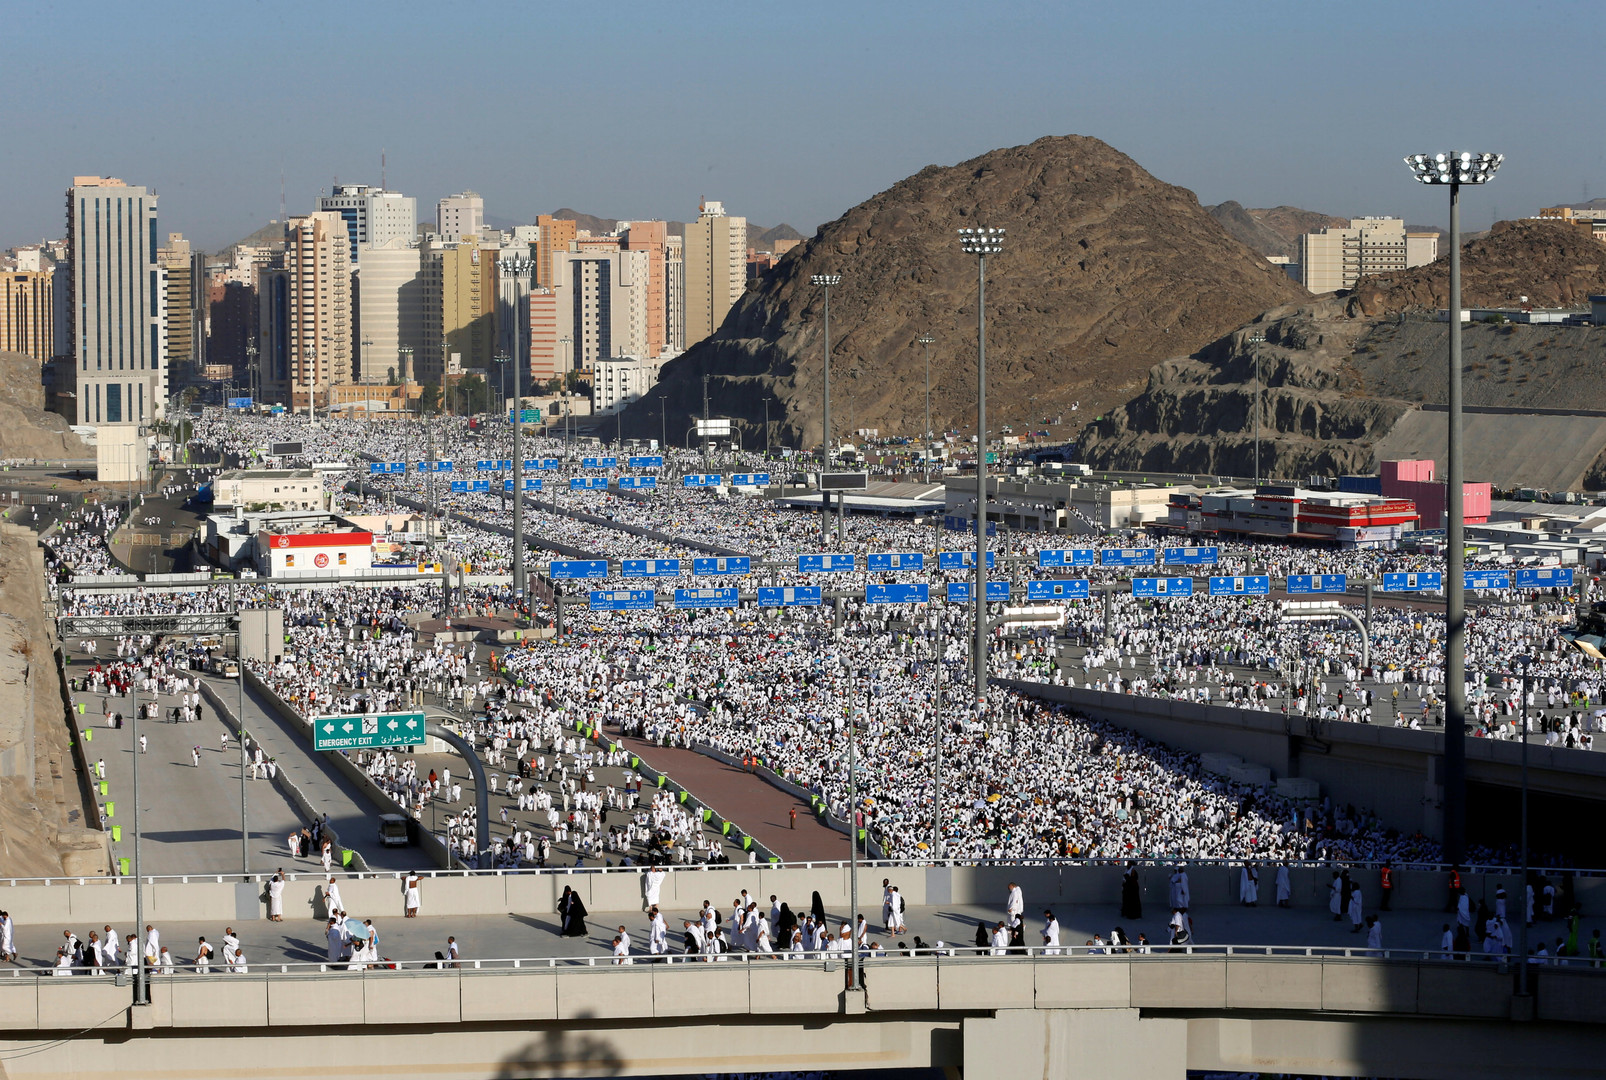 Des pèlerins musulmans se rendant à Mina, près de La Mecque, au premier jour de l'Aïd el-Kebir.